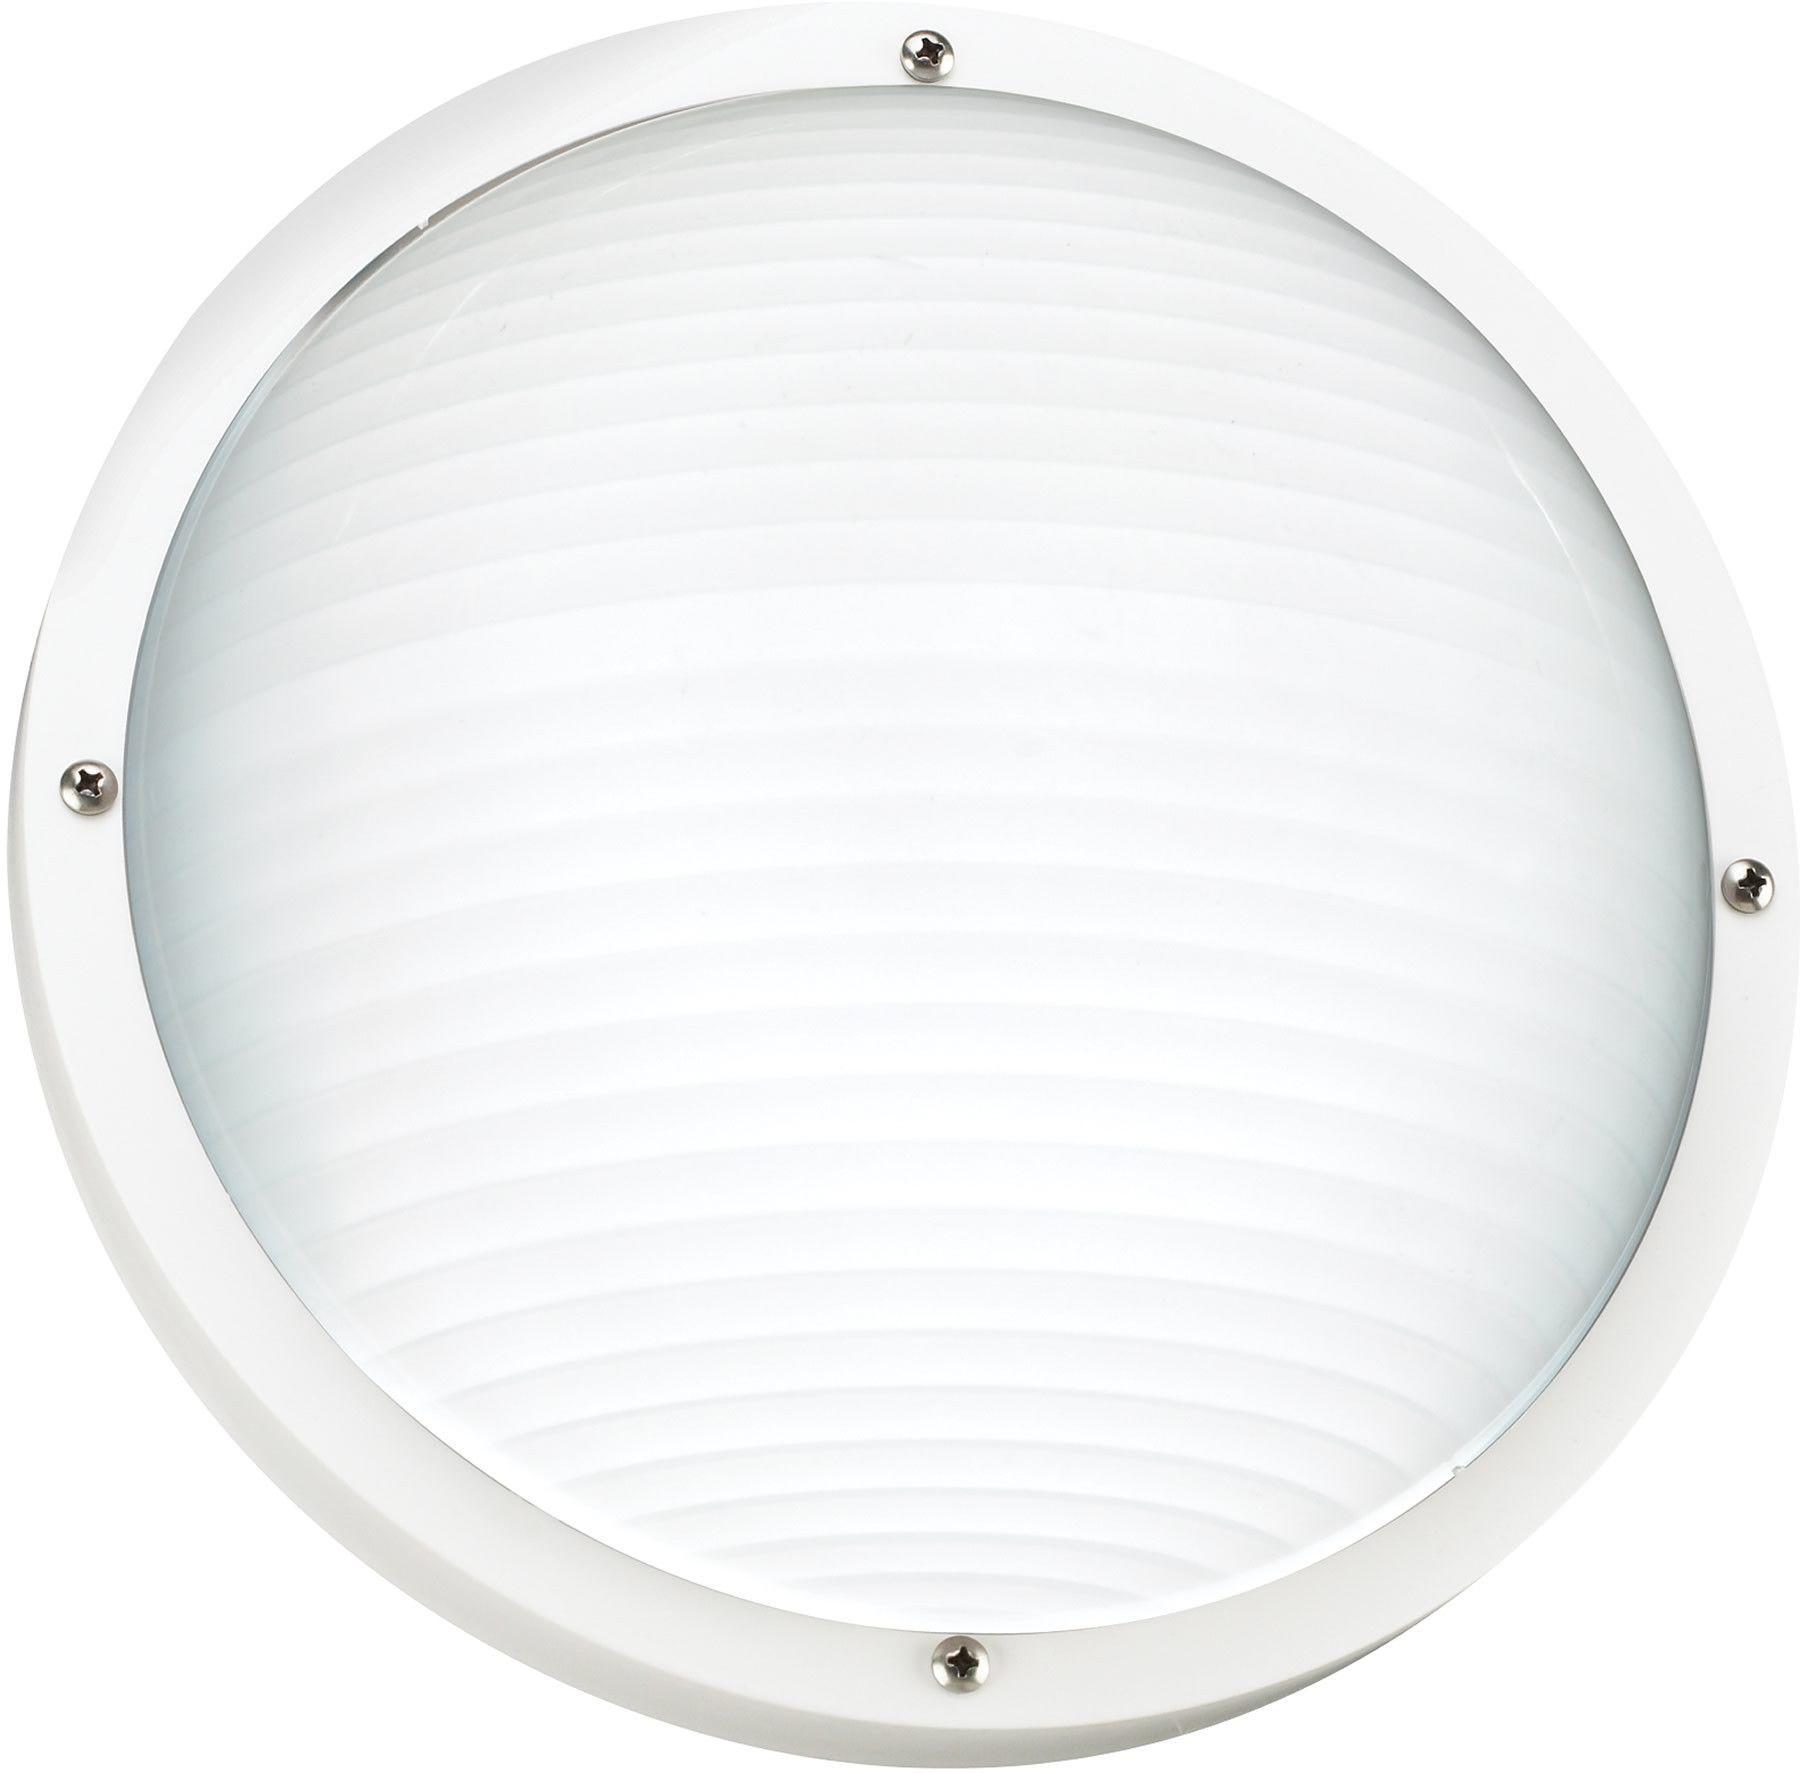 0-001245>Bayside 1-Light Energy Star Outdoor Wall Light White